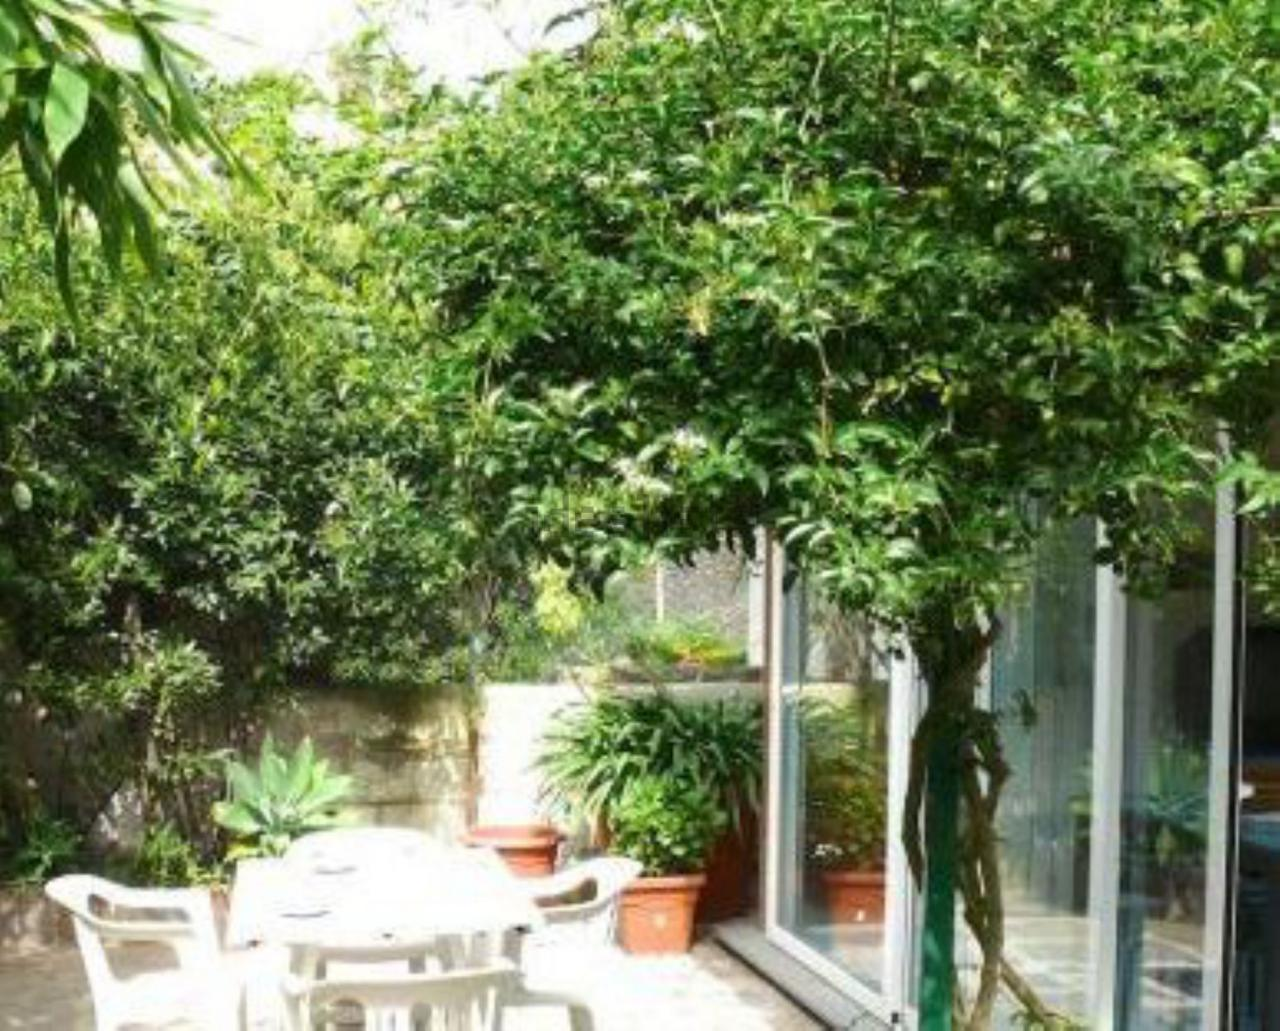 Appartamento in vendita a Barano d'Ischia, 4 locali, zona Zona: Testaccio, prezzo € 230.000 | Cambio Casa.it